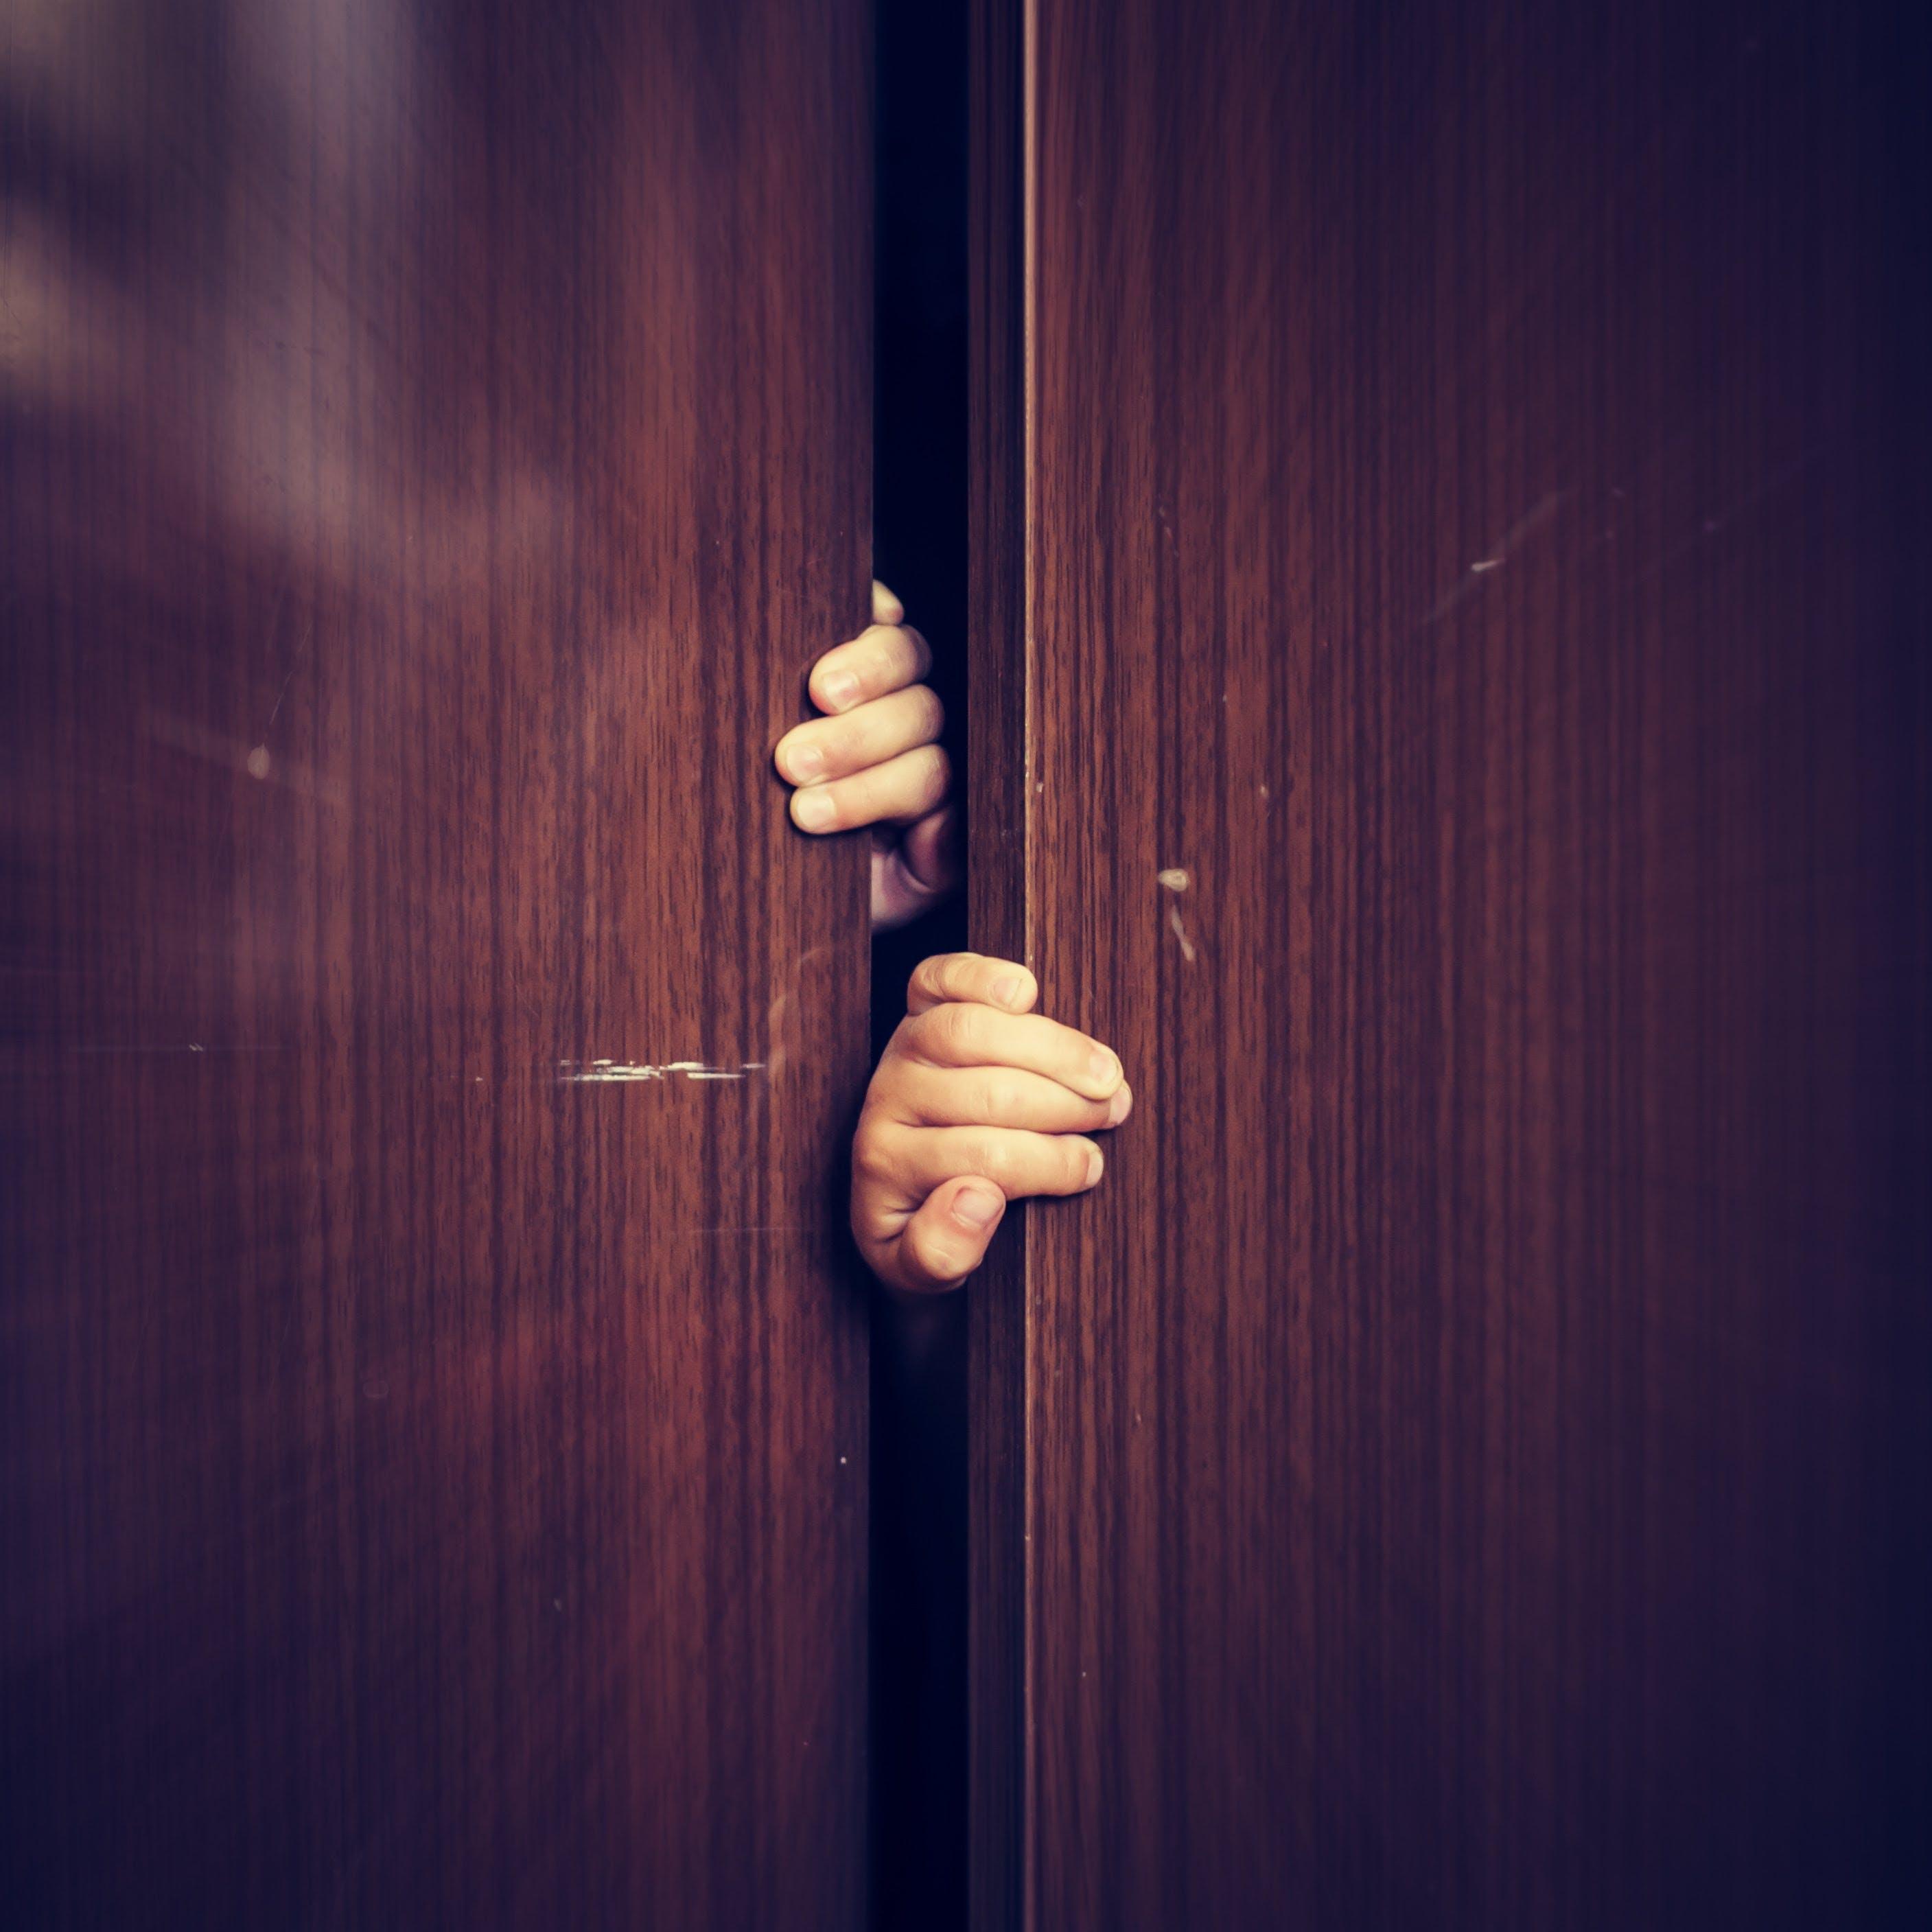 Pasa el favor: sal del armario keto